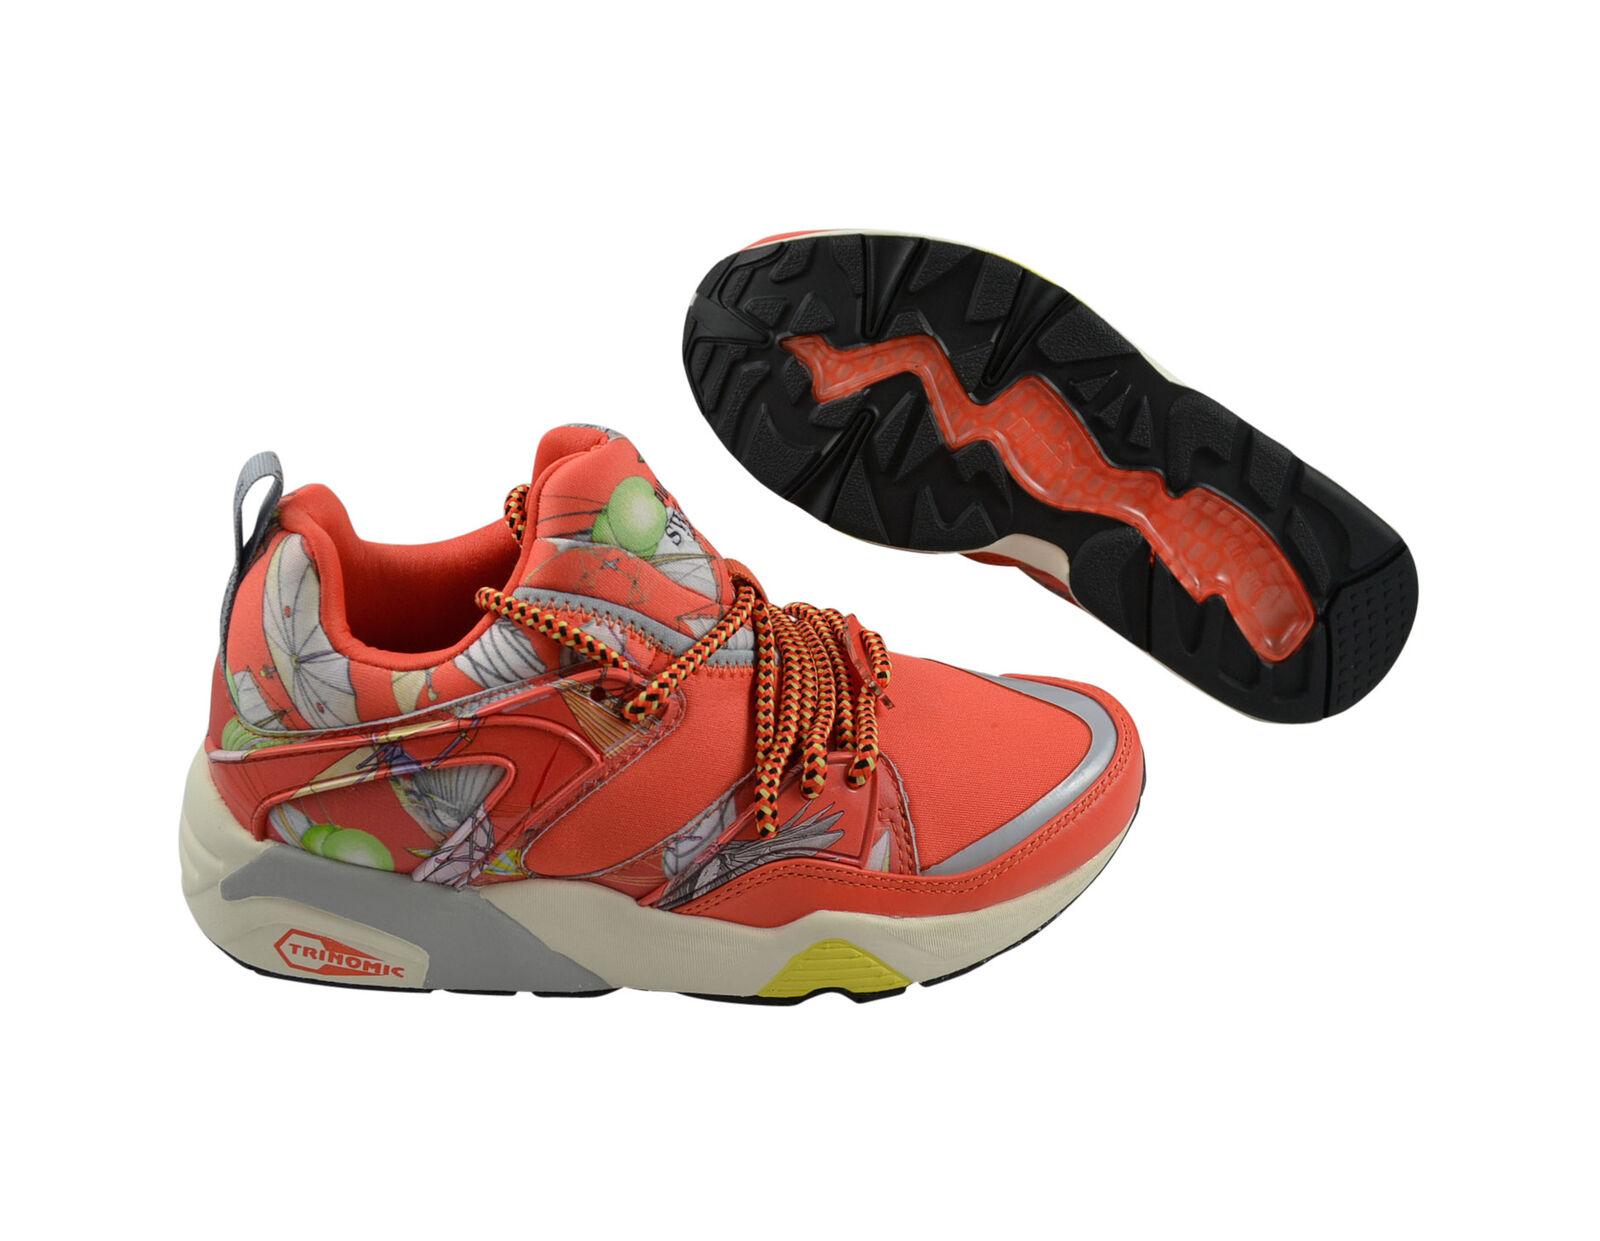 Puma Blaze of Glory wns x Swash o londres Nasturtium zapatilla de deporte zapatos 358856 01